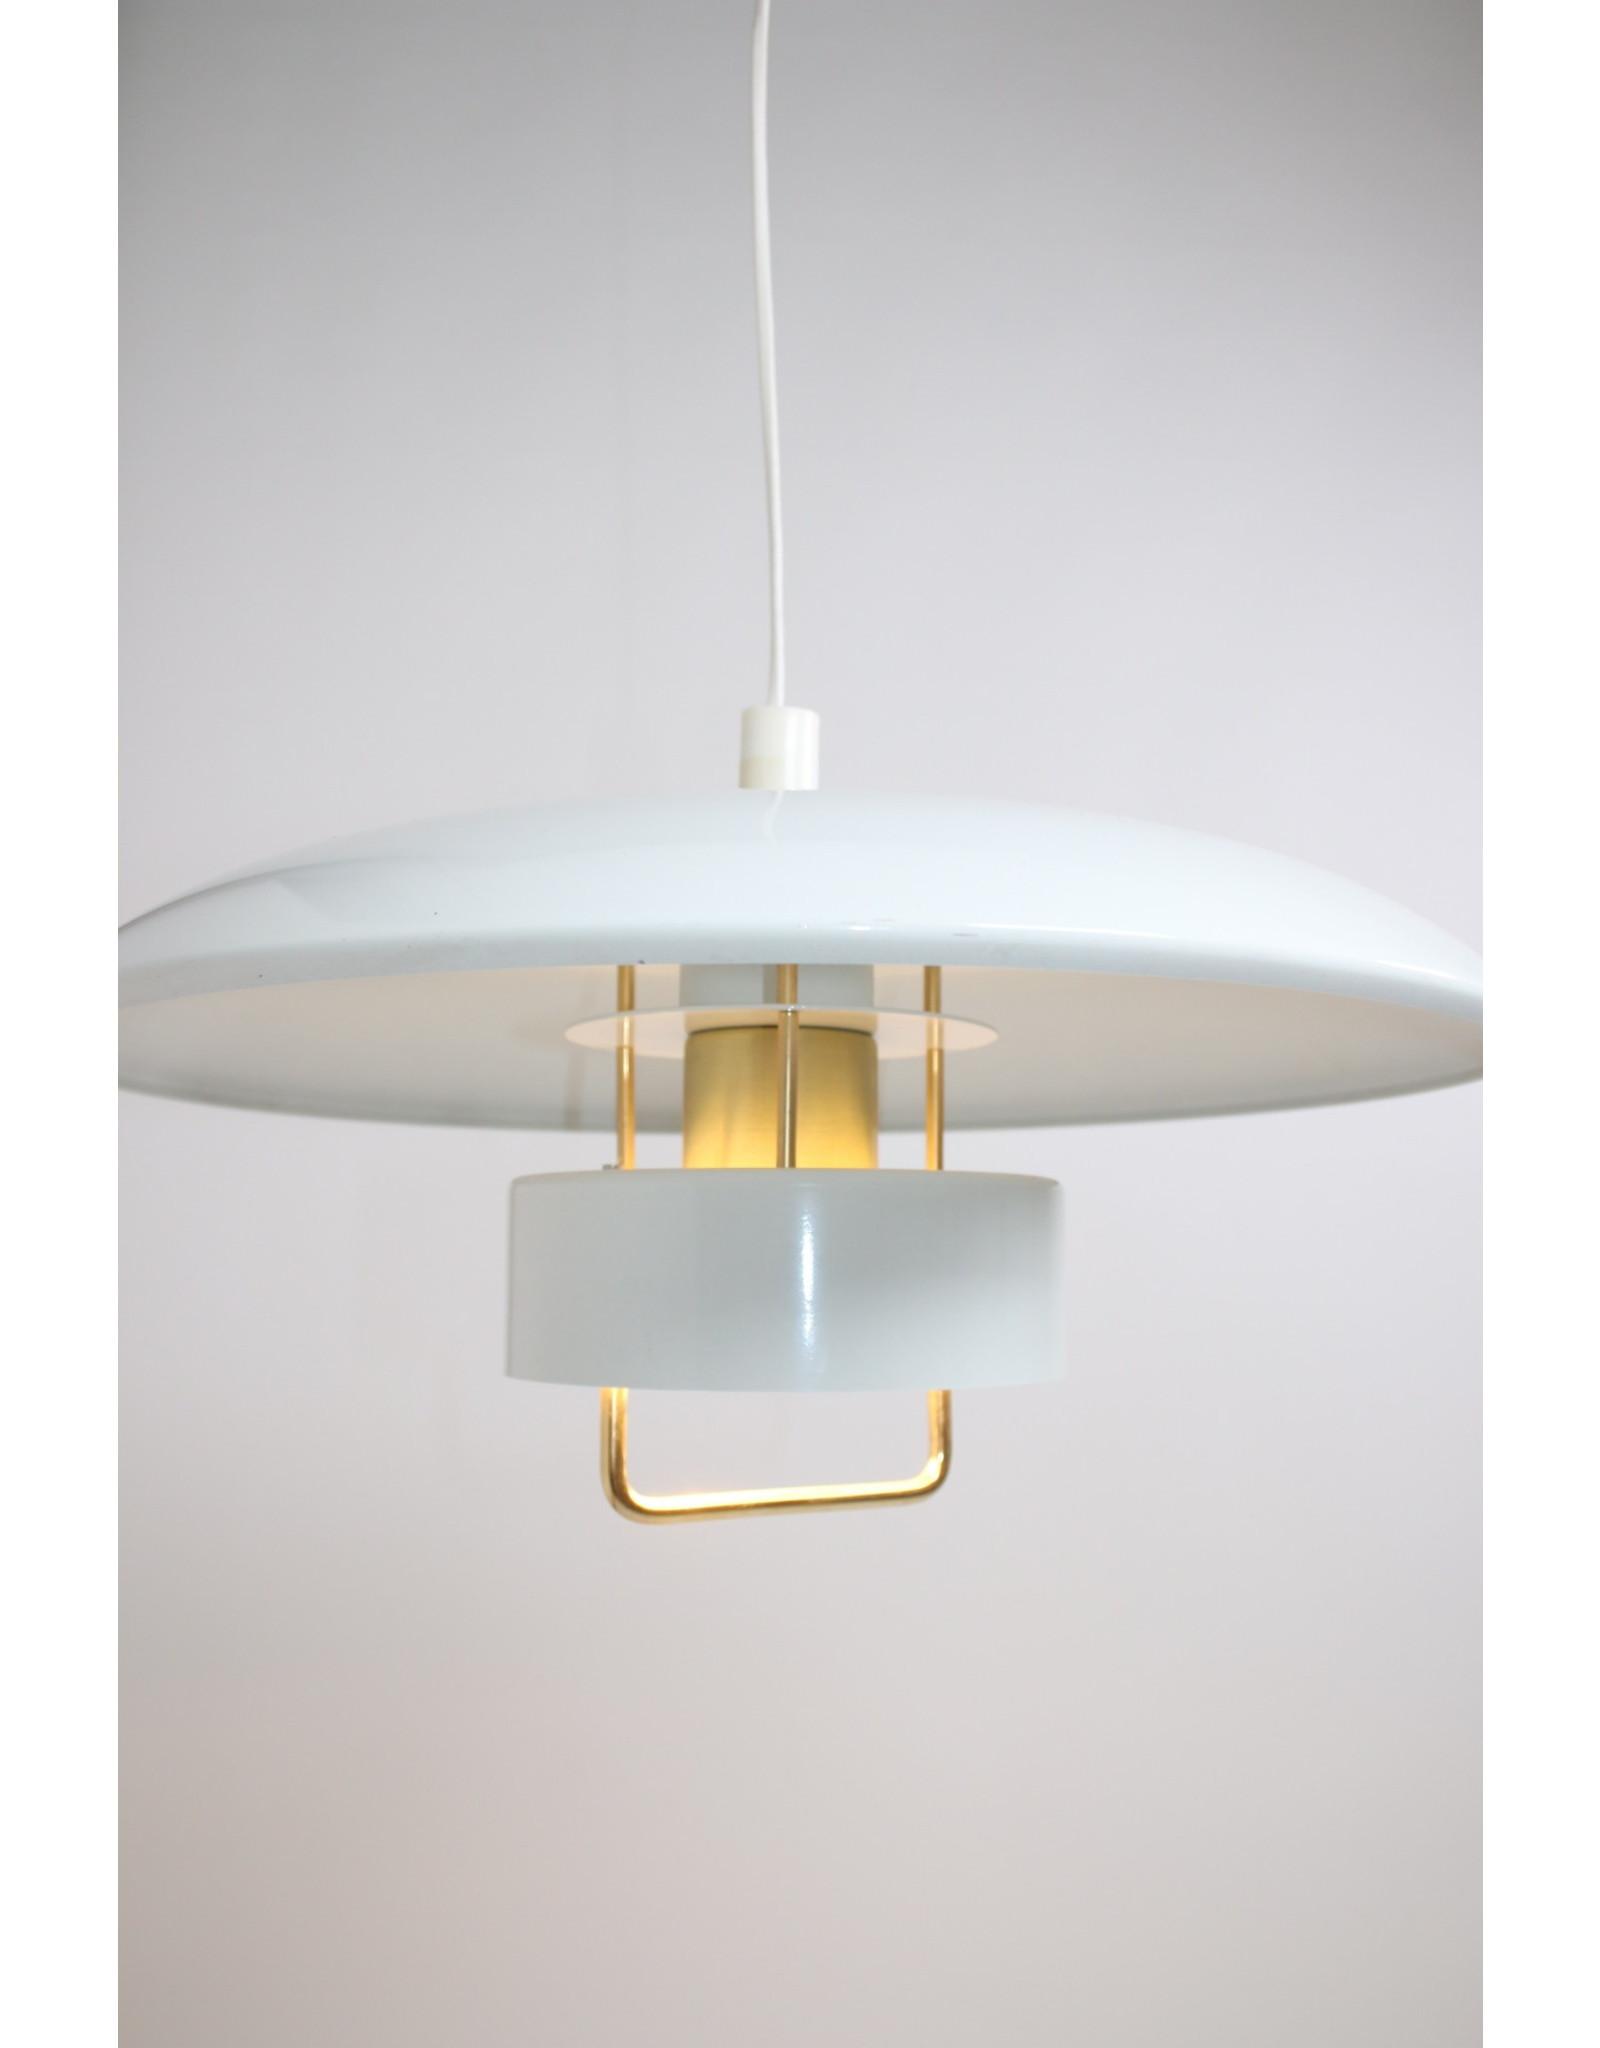 metalen hanglamp wit gelakt